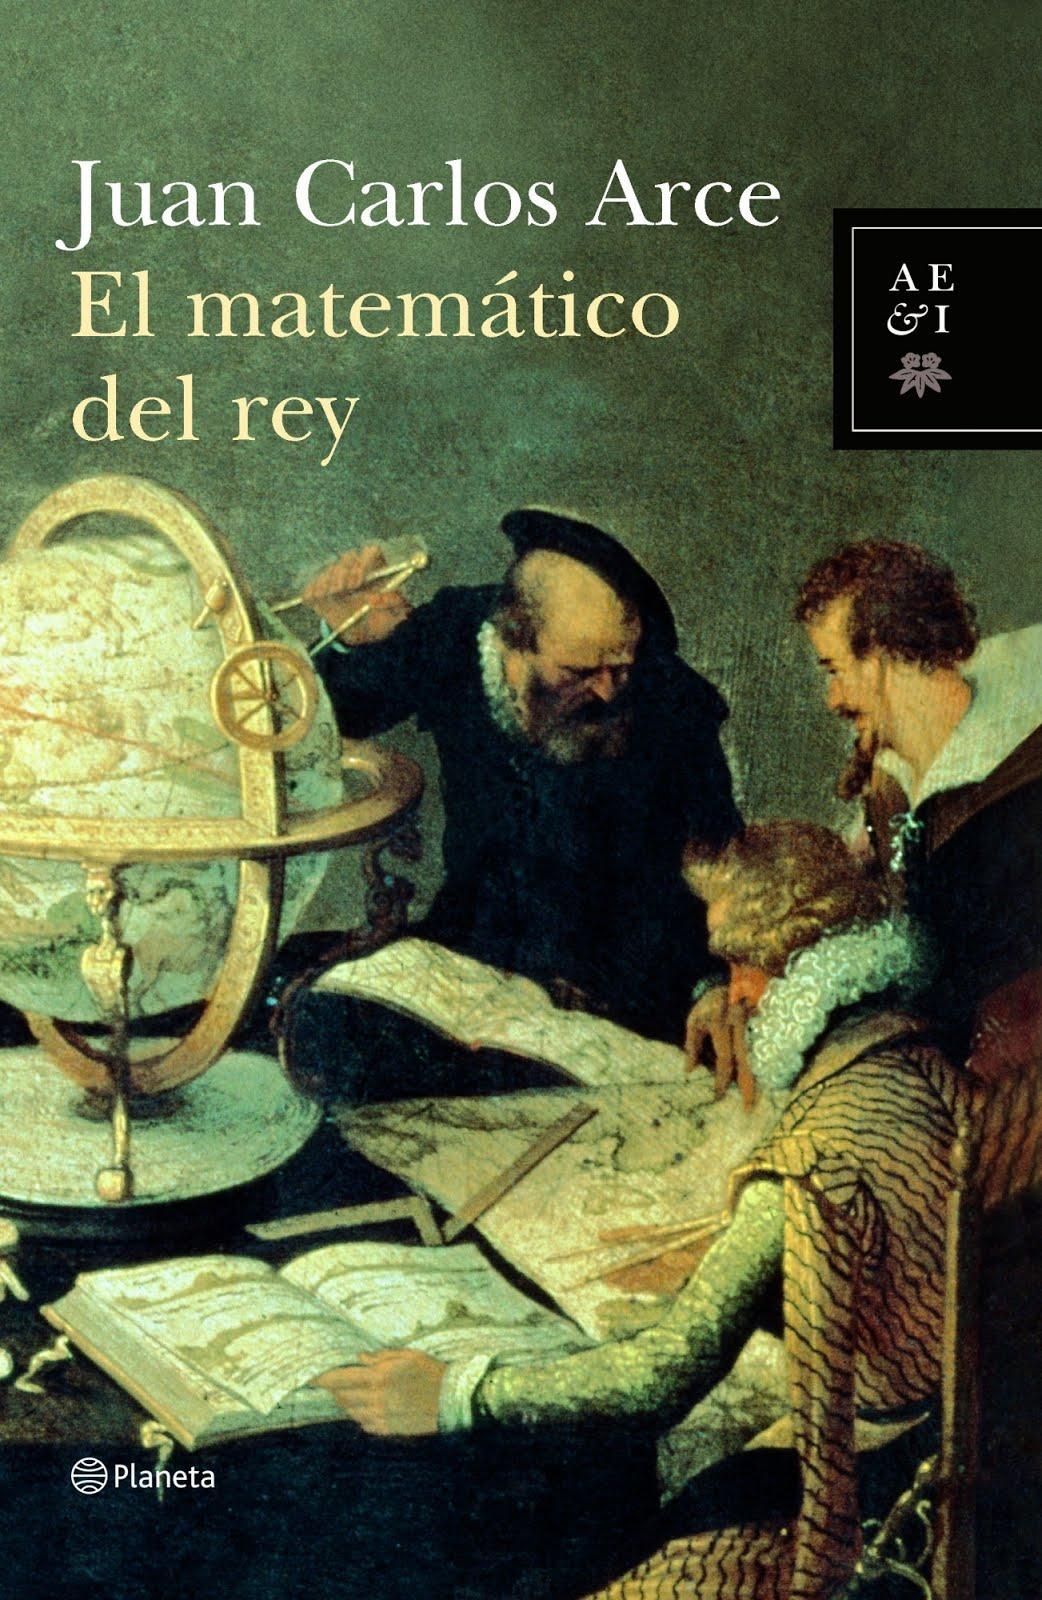 """Boletín """"El matemático del rey"""""""